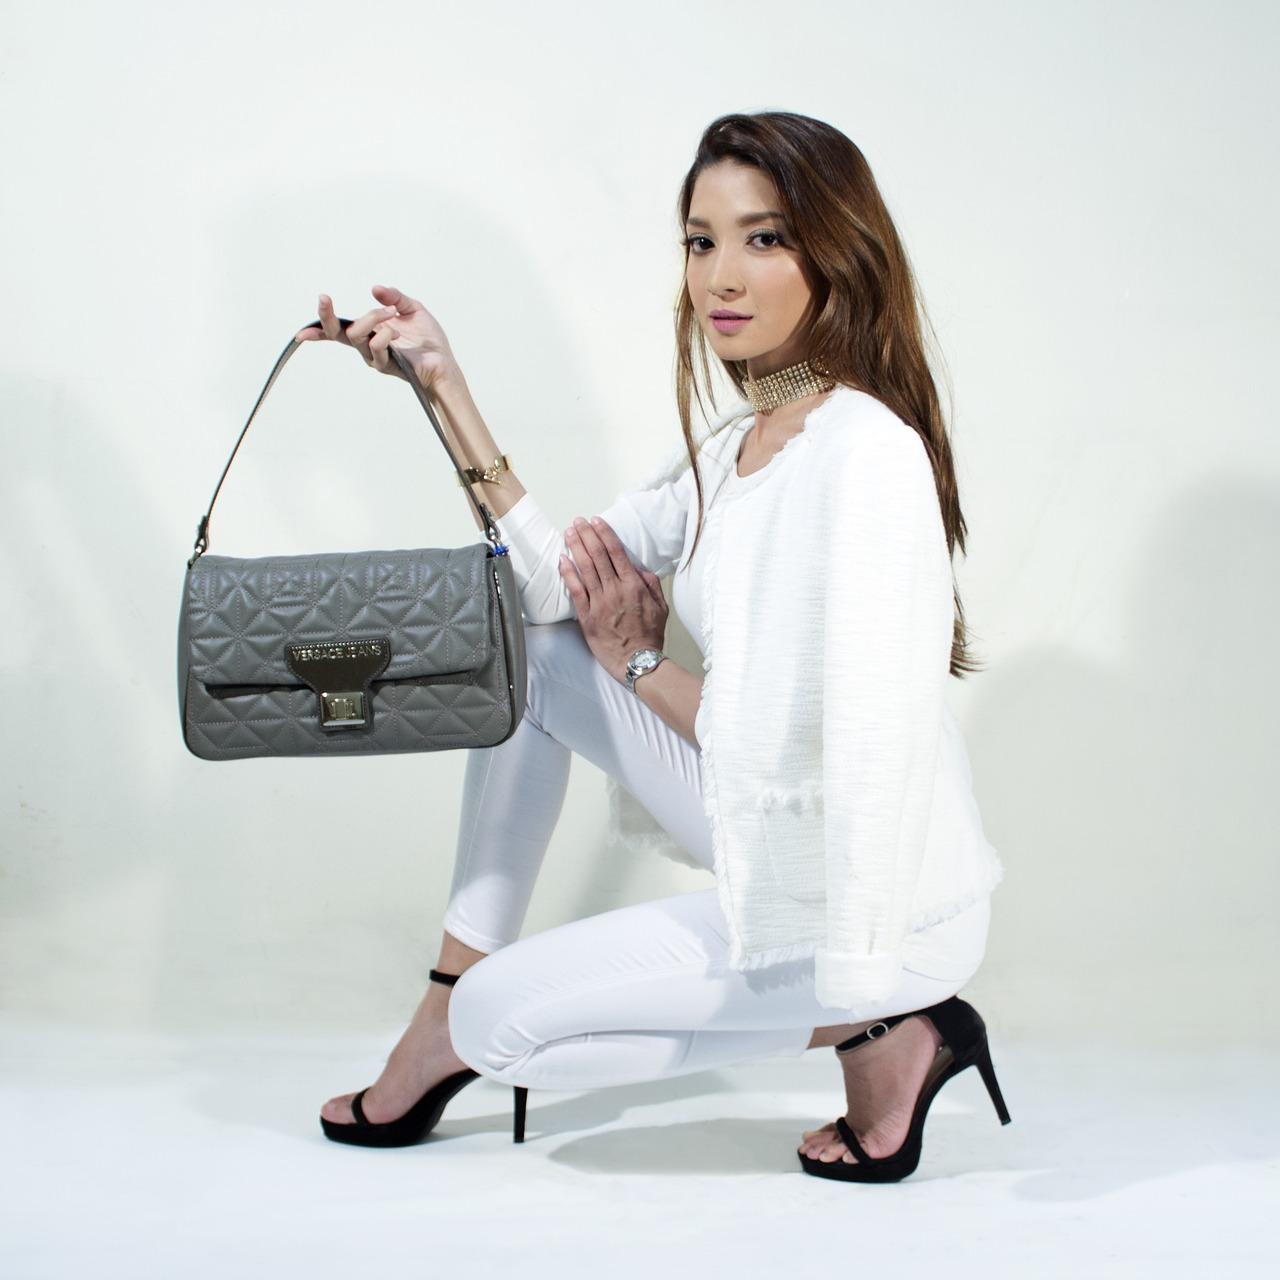 women stylish photo